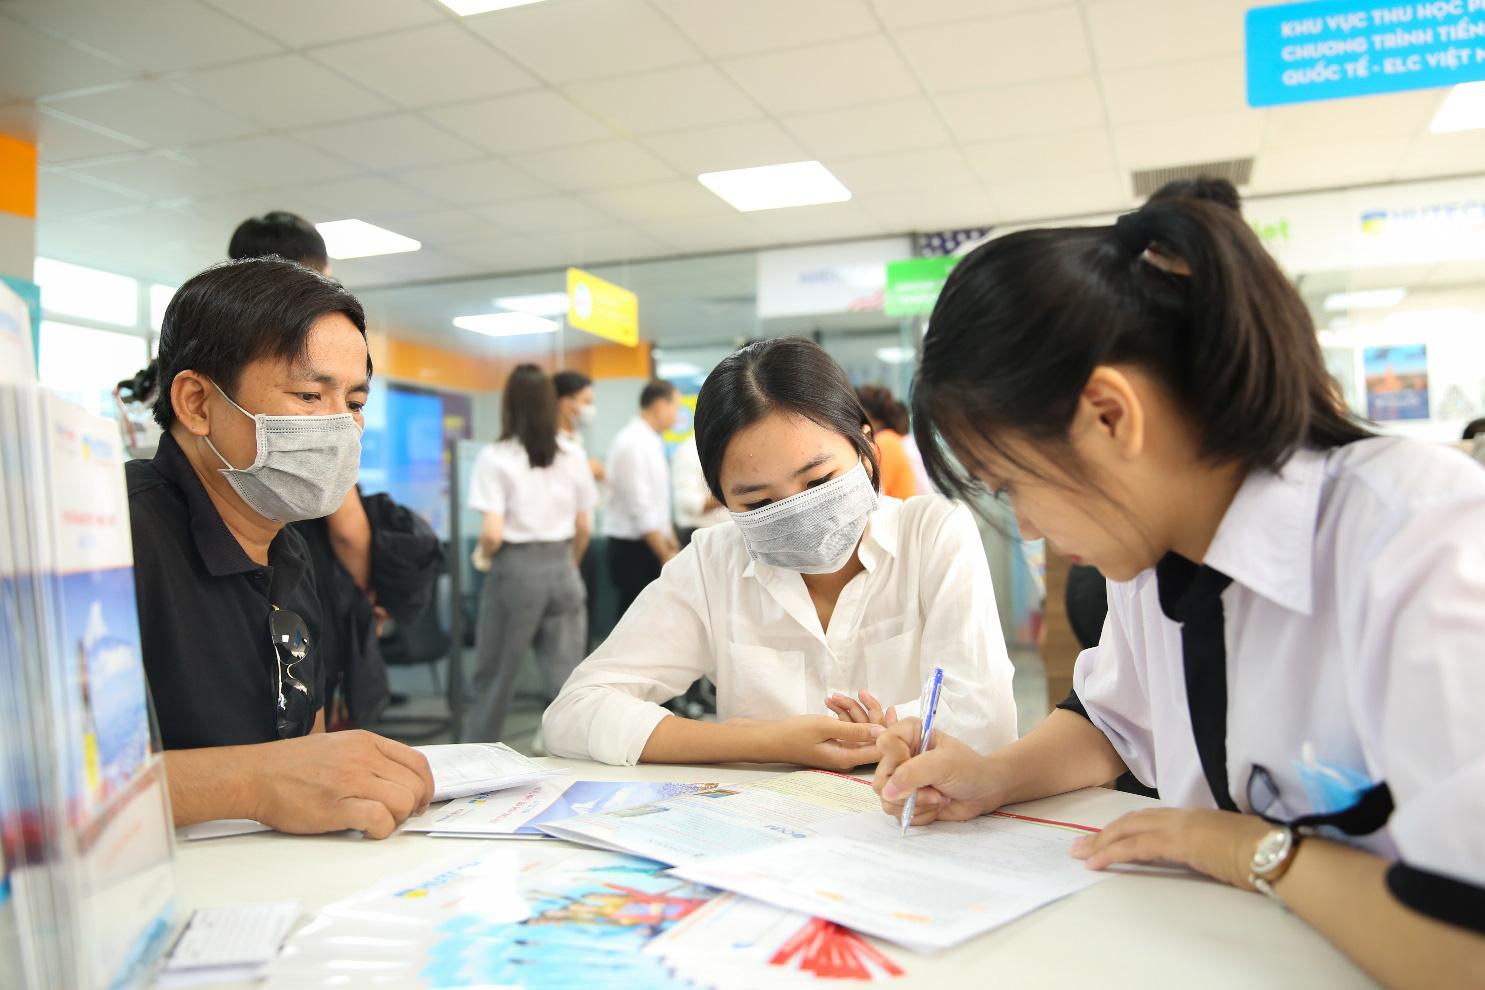 Nhiều thí sinh chọn nhập học trước khi biết kết quả xét tuyển theo điểm thi tốt nghiệp THPT - Ảnh 1.